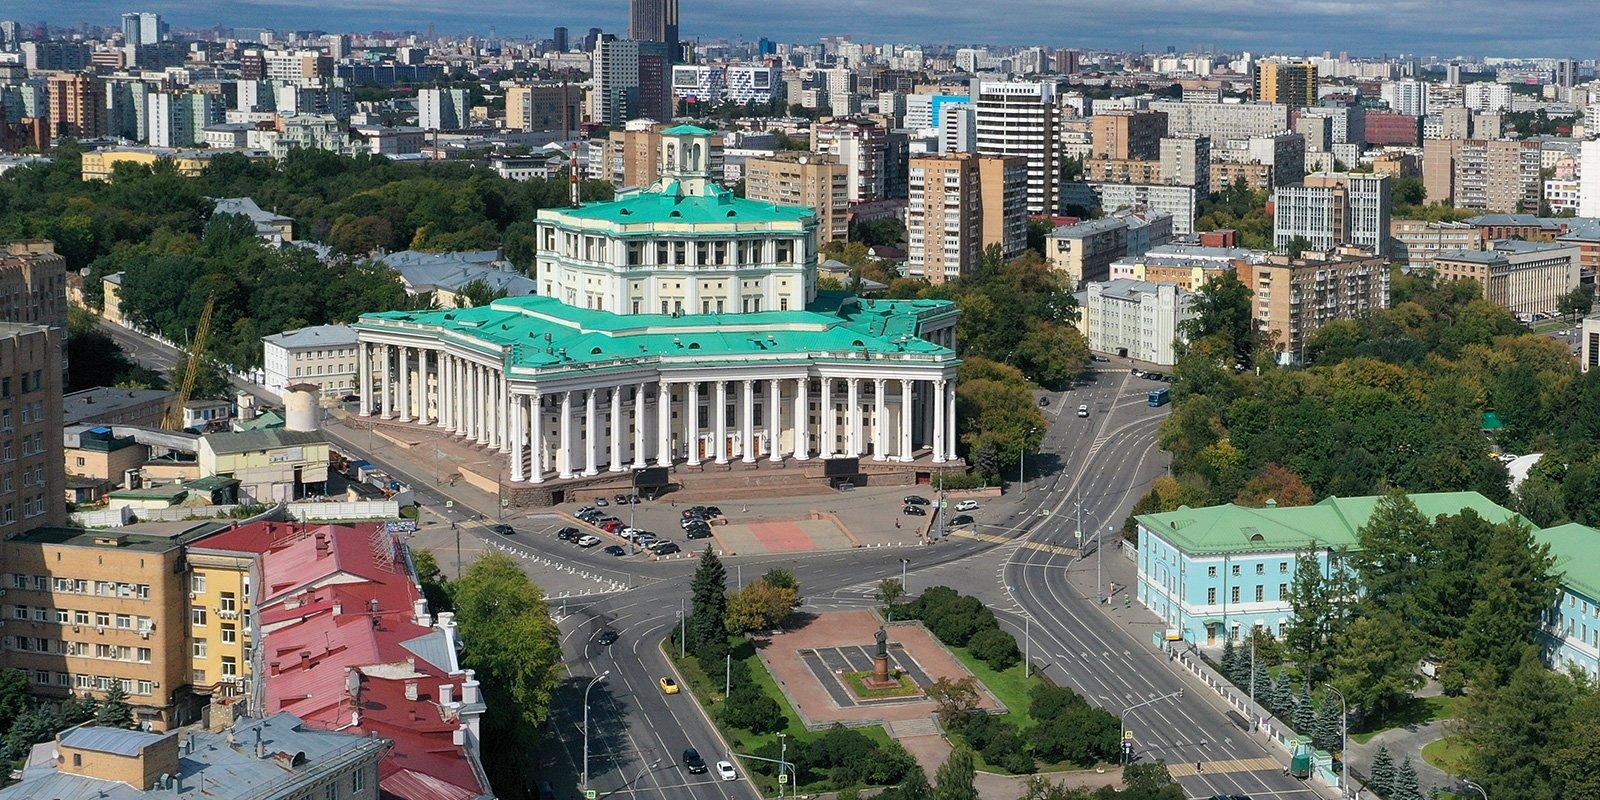 Шедевры музеев и парковая архитектура: #Москвастобой представила подборку онлайн-экскурсий ко Дню туризма